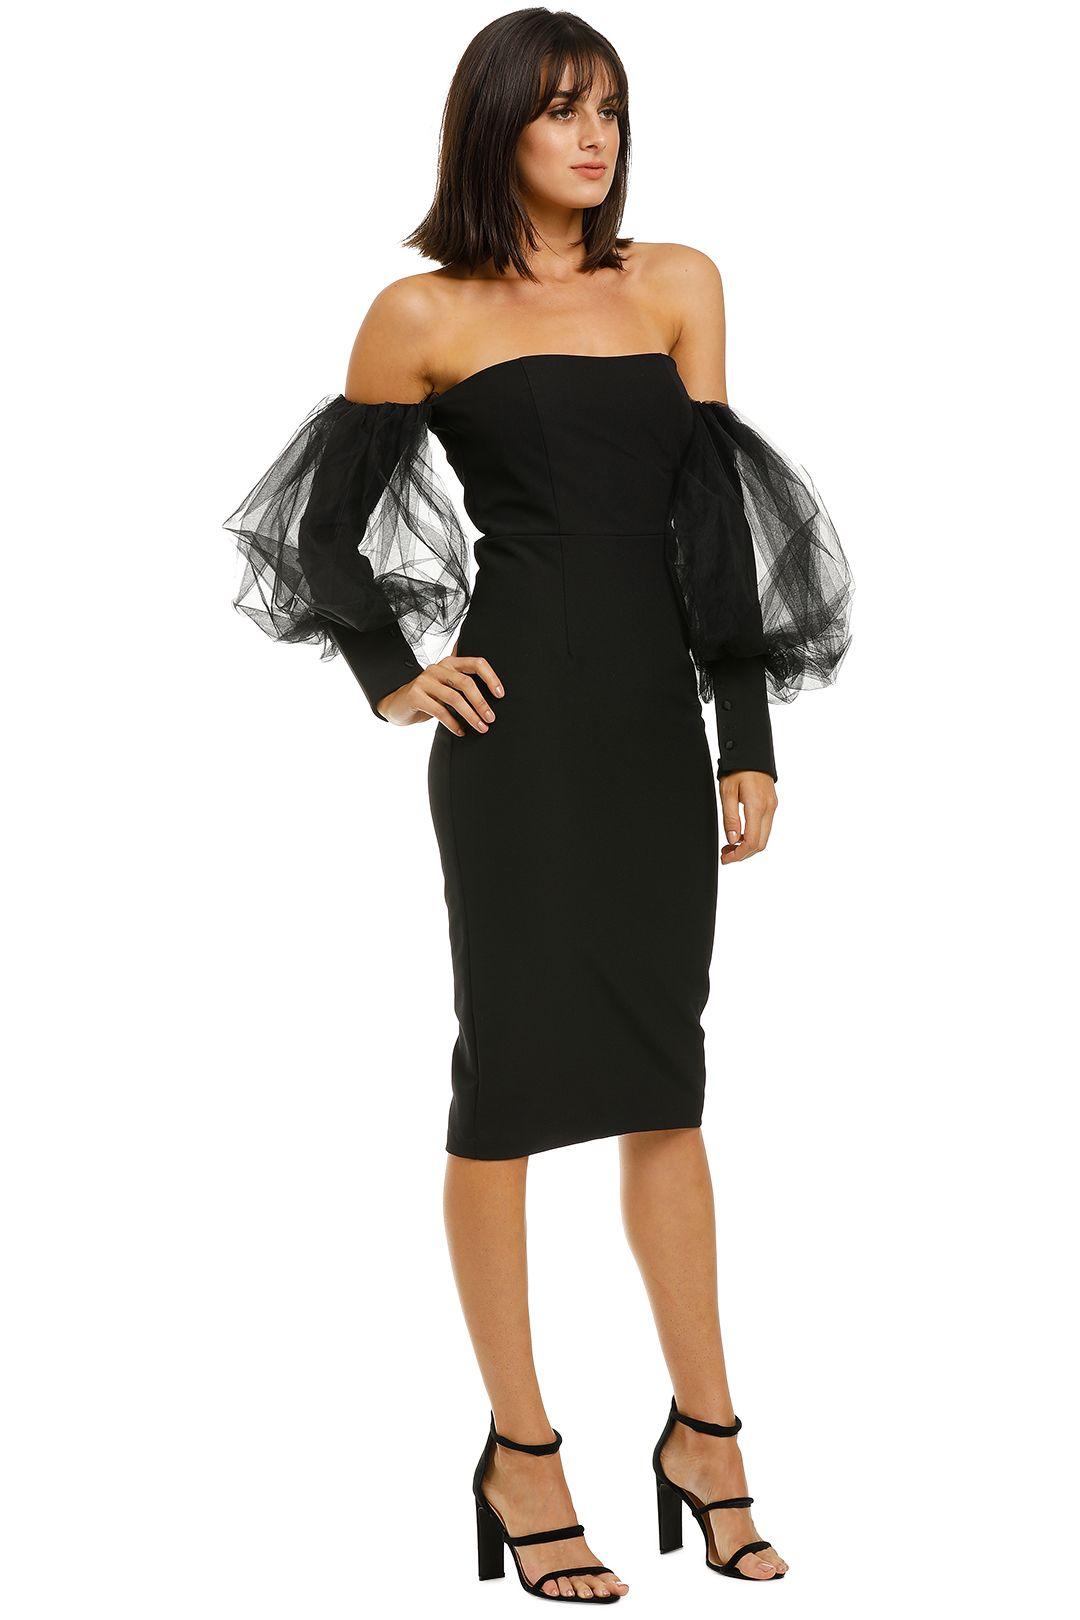 Bianca-and-Bridgett-Harper-Midi-Dress-Black-Side